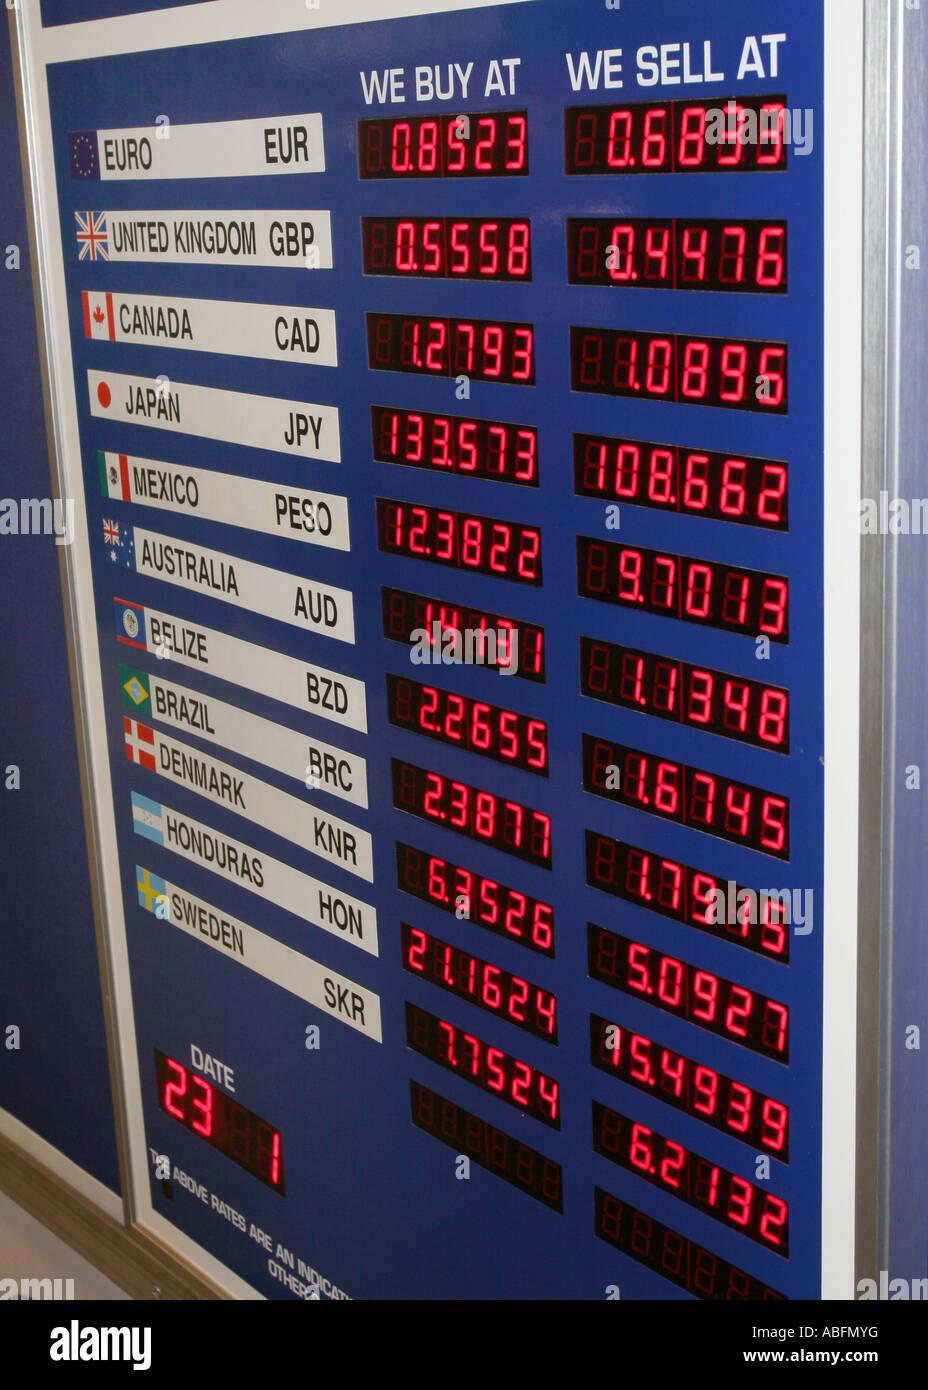 Mumbai airport forex rates